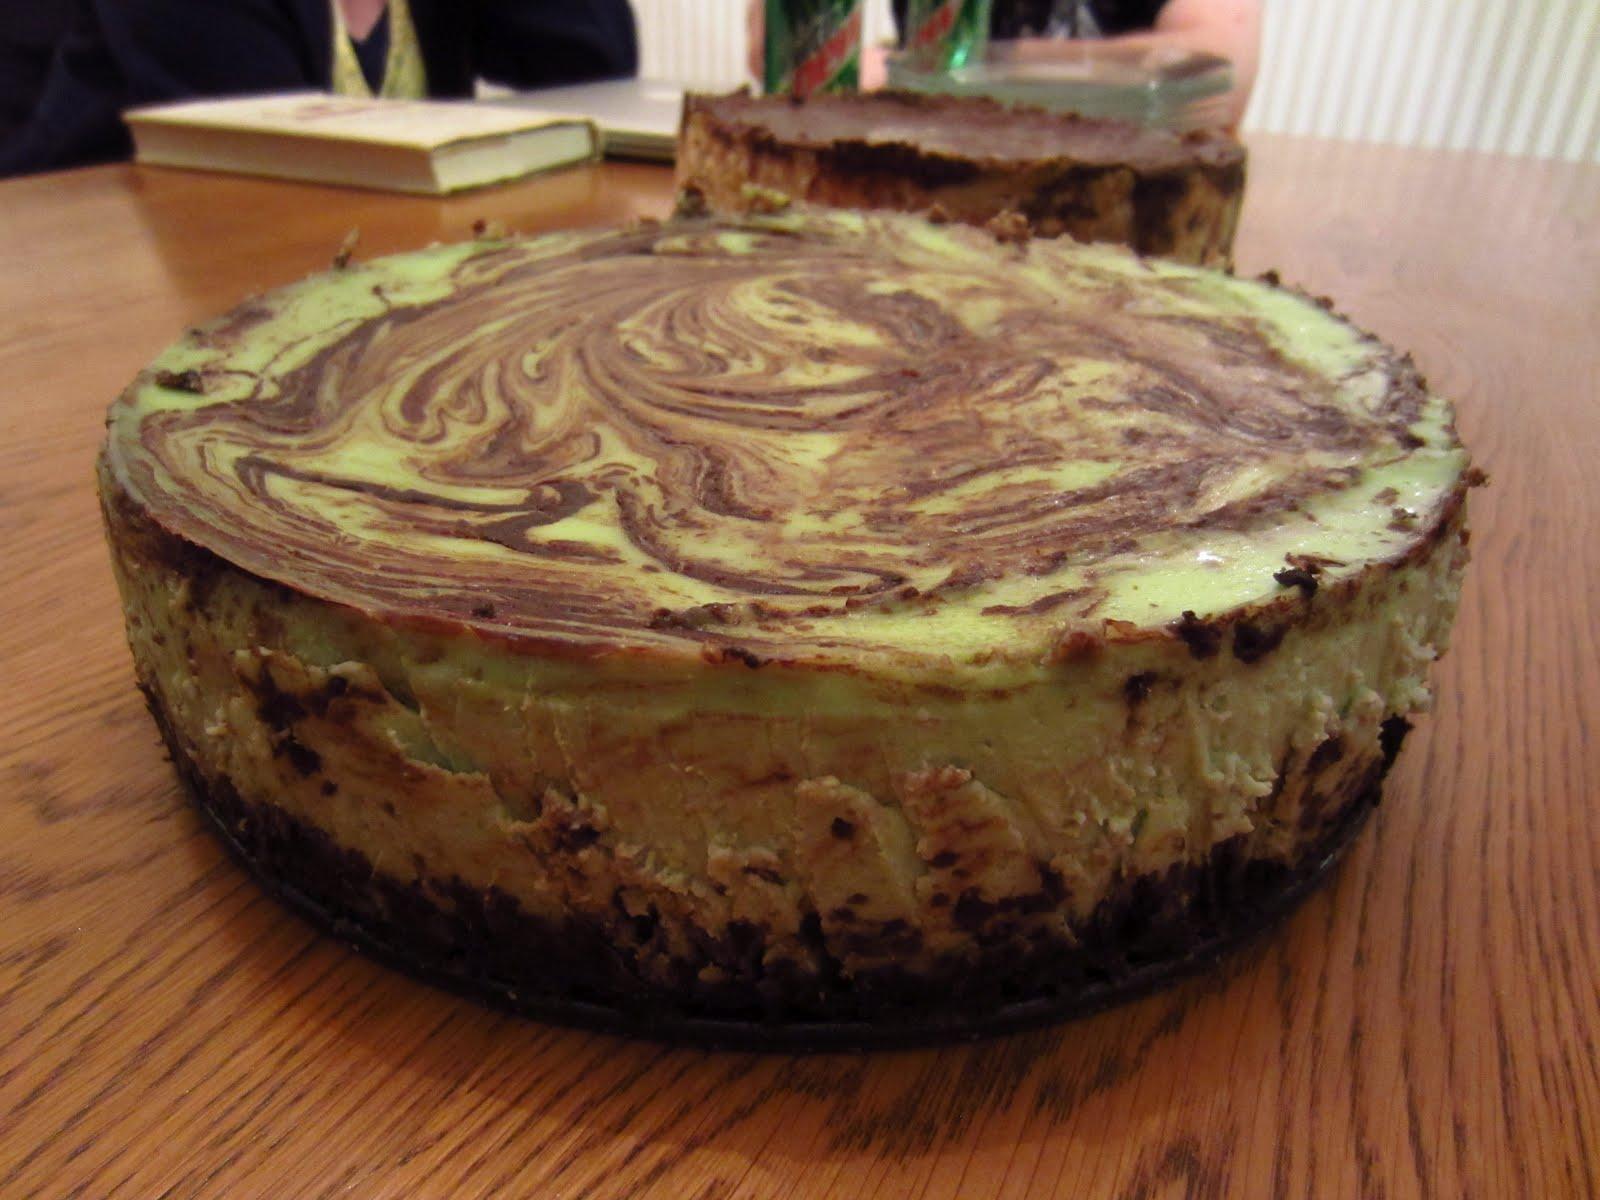 ... http://allrecipes.com/recipe/chantals-new-york-cheesecake/Detail.aspx